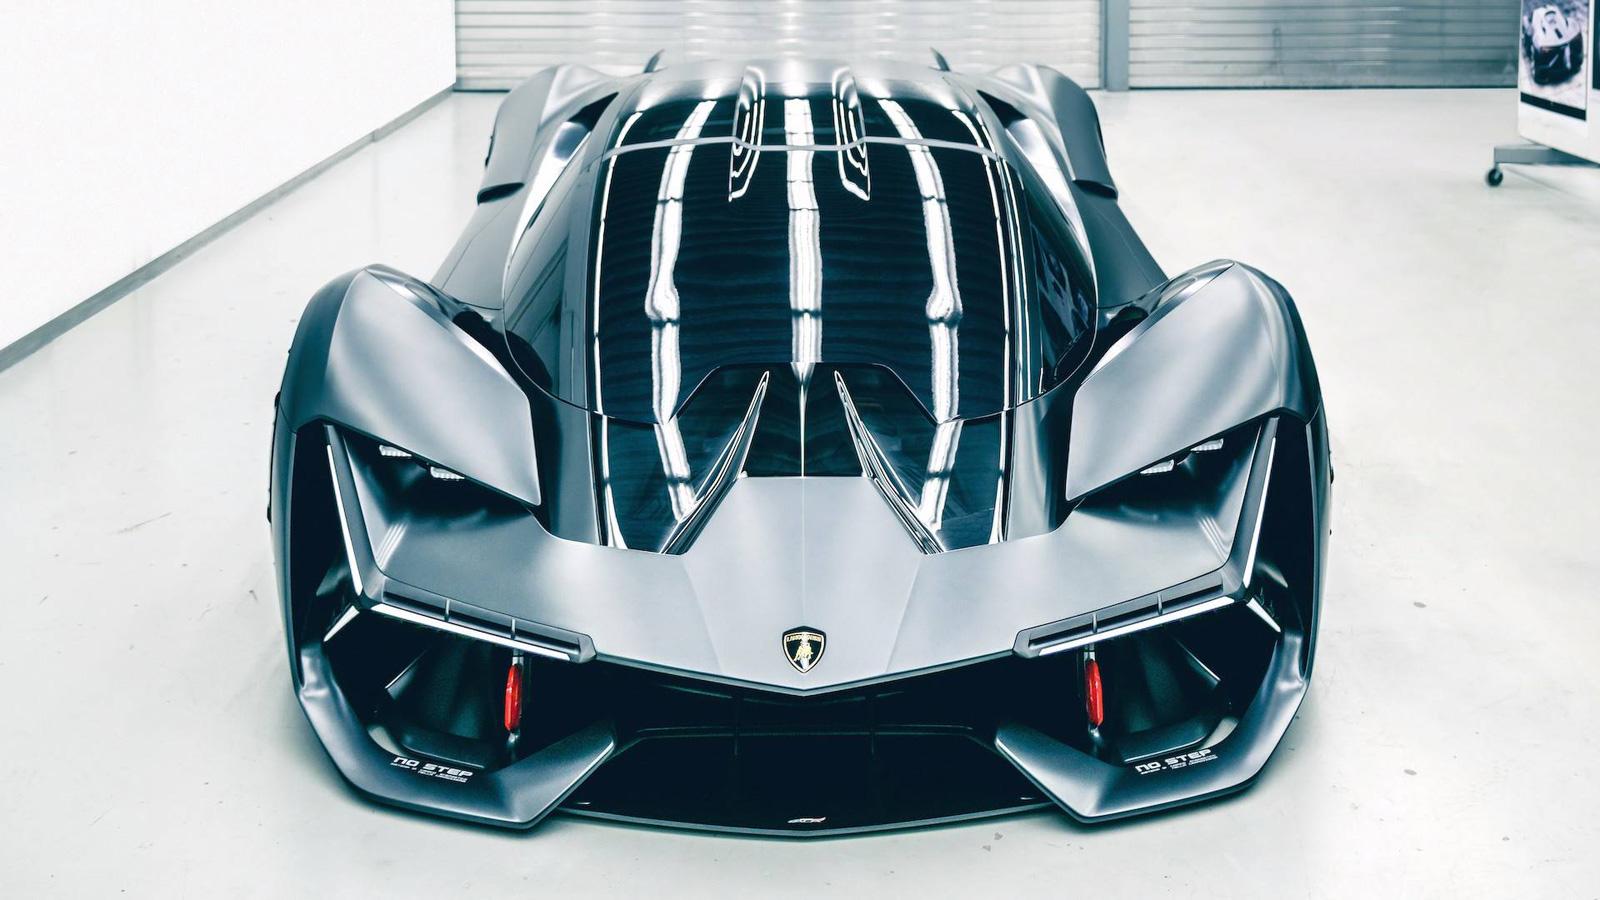 Vi-sao-Lamborghini-chua-tung-ra-sieu-xe-dien-anh-3